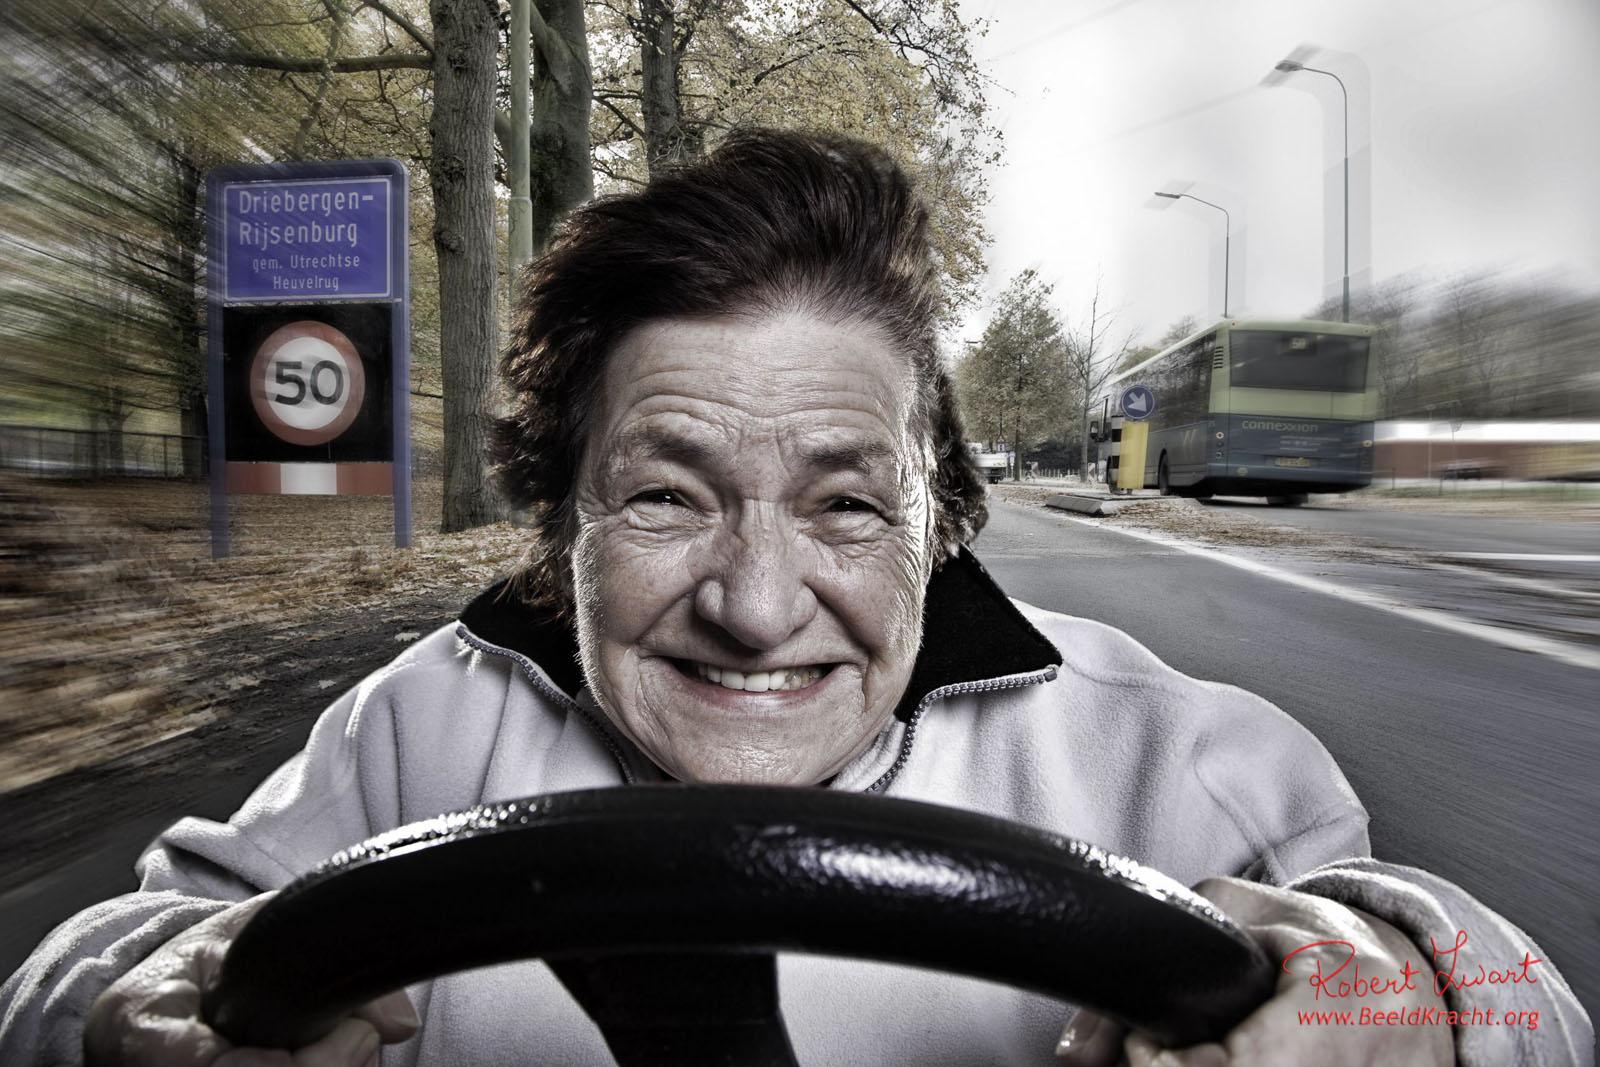 Een creatieve zakelijke portretfoto gemaakt door Robert Zwart portretfotograaf en profielfotograaf